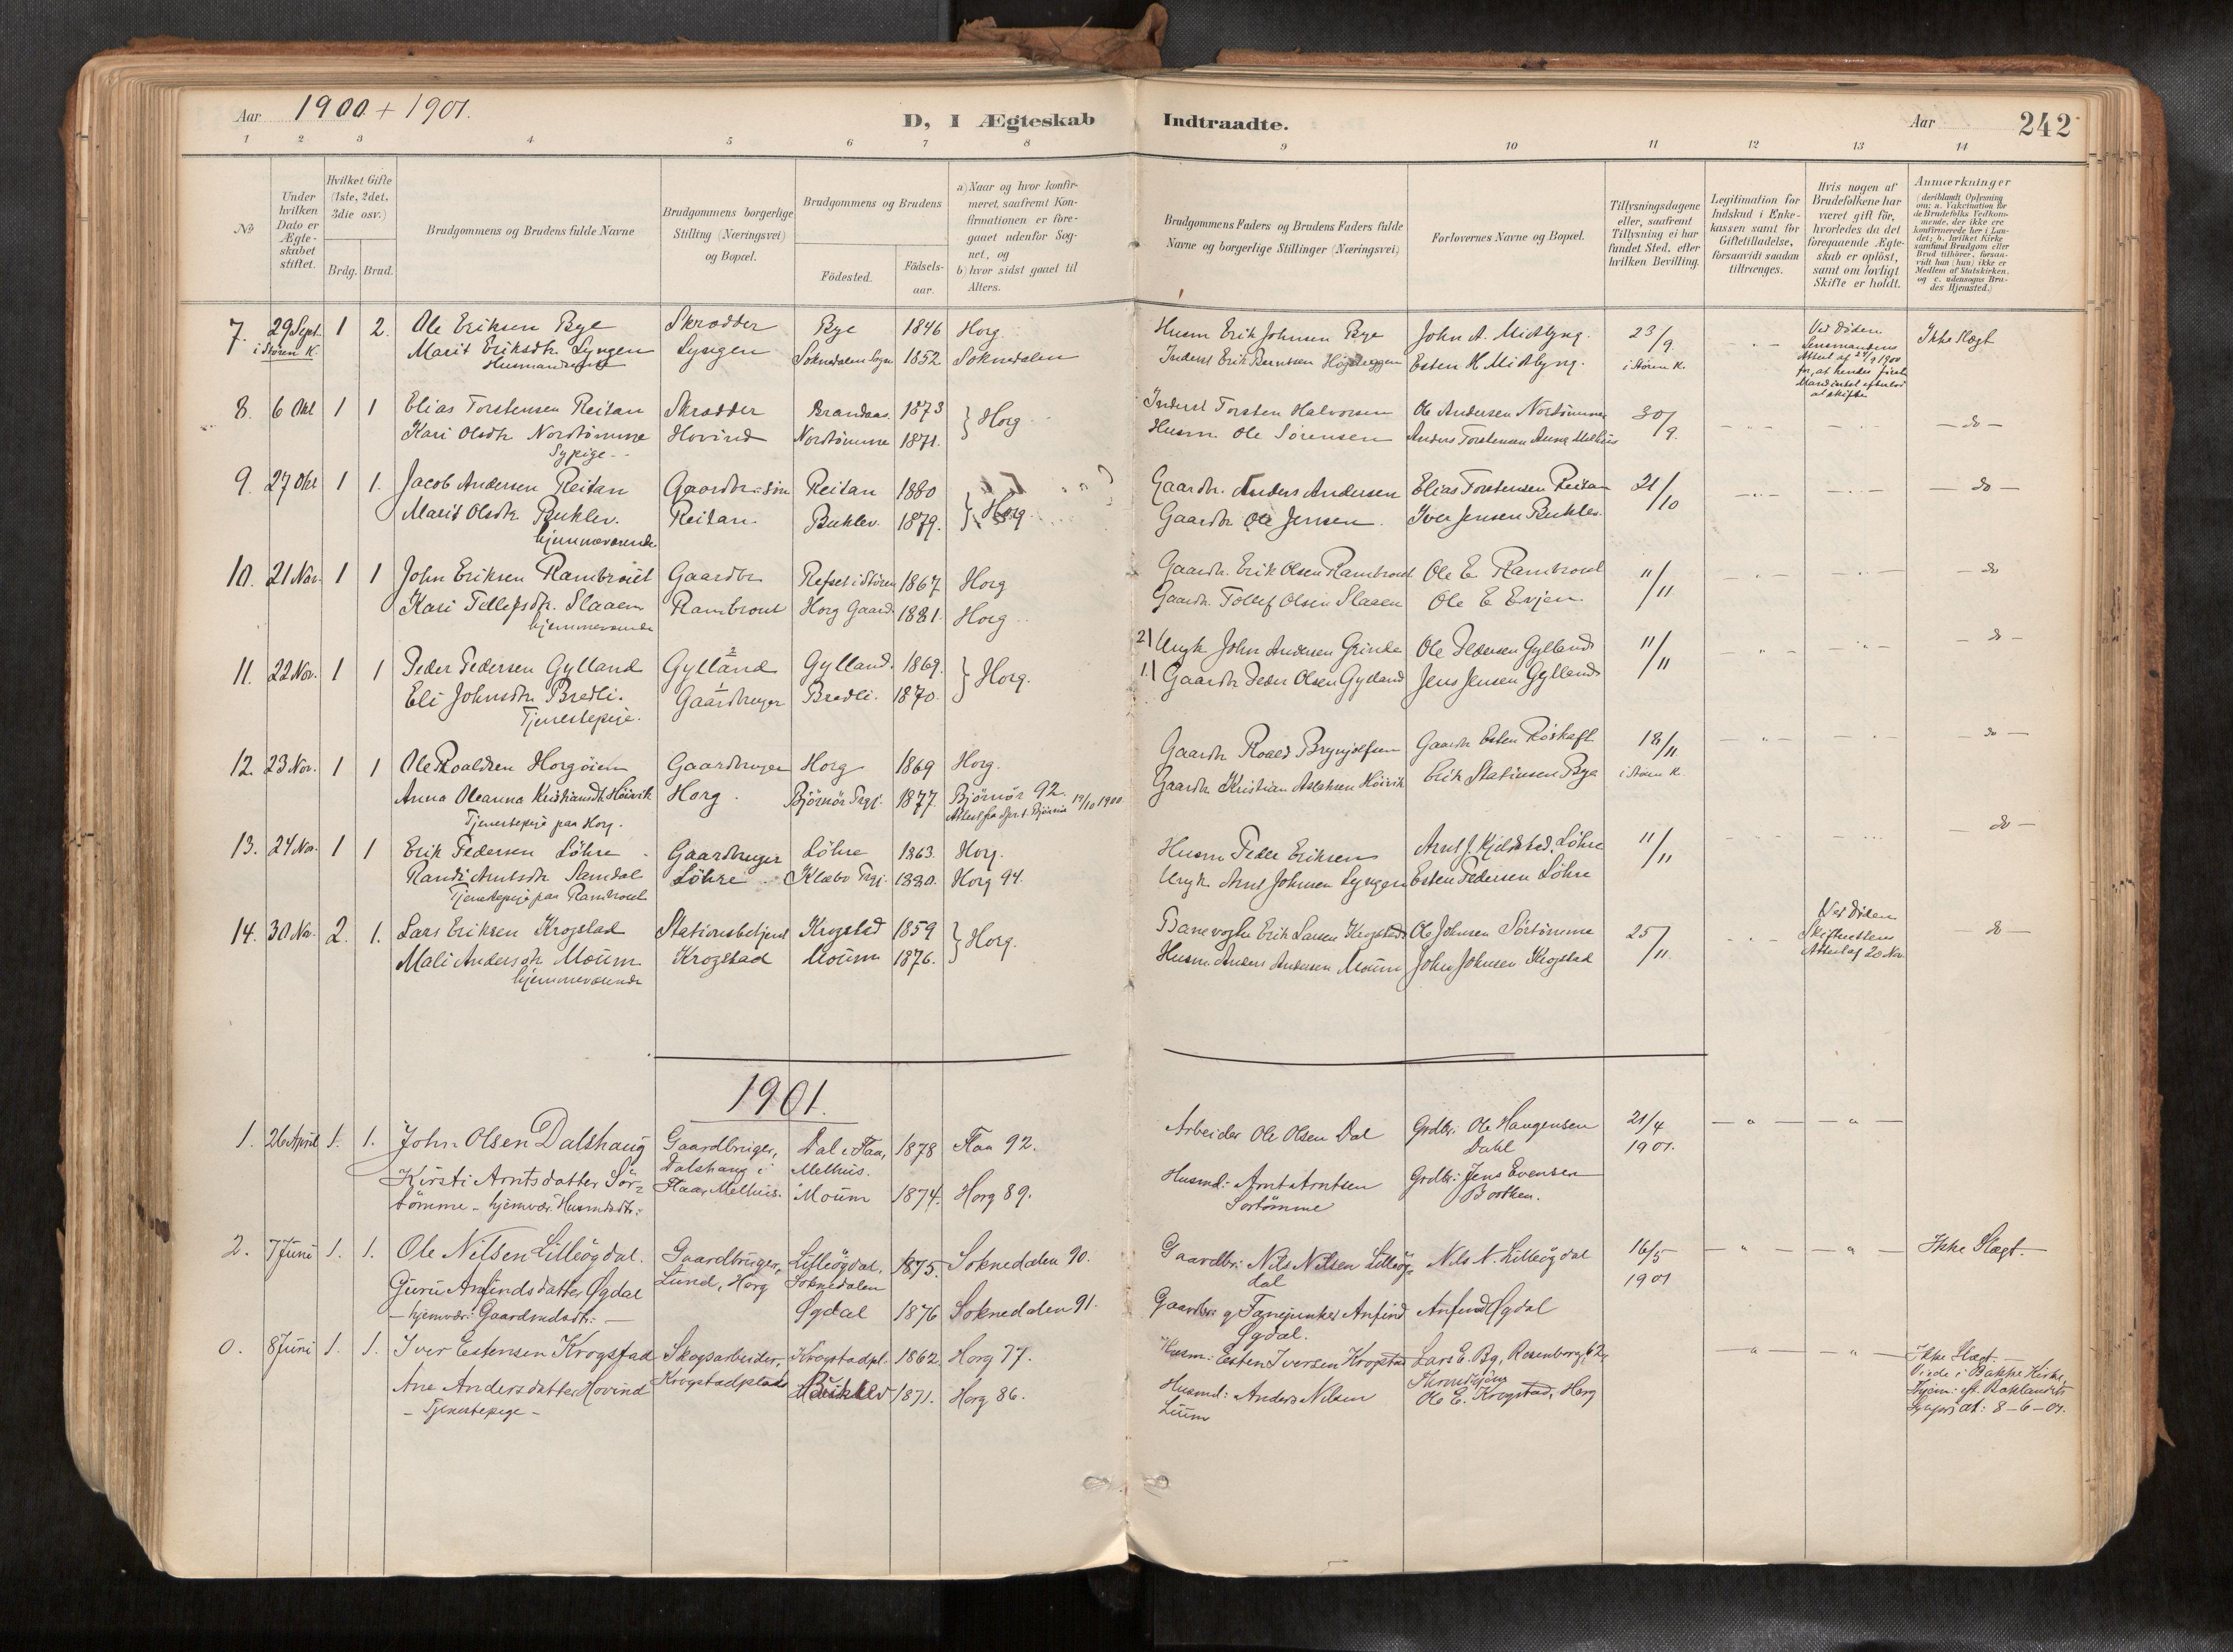 SAT, Ministerialprotokoller, klokkerbøker og fødselsregistre - Sør-Trøndelag, 692/L1105b: Ministerialbok nr. 692A06, 1891-1934, s. 242